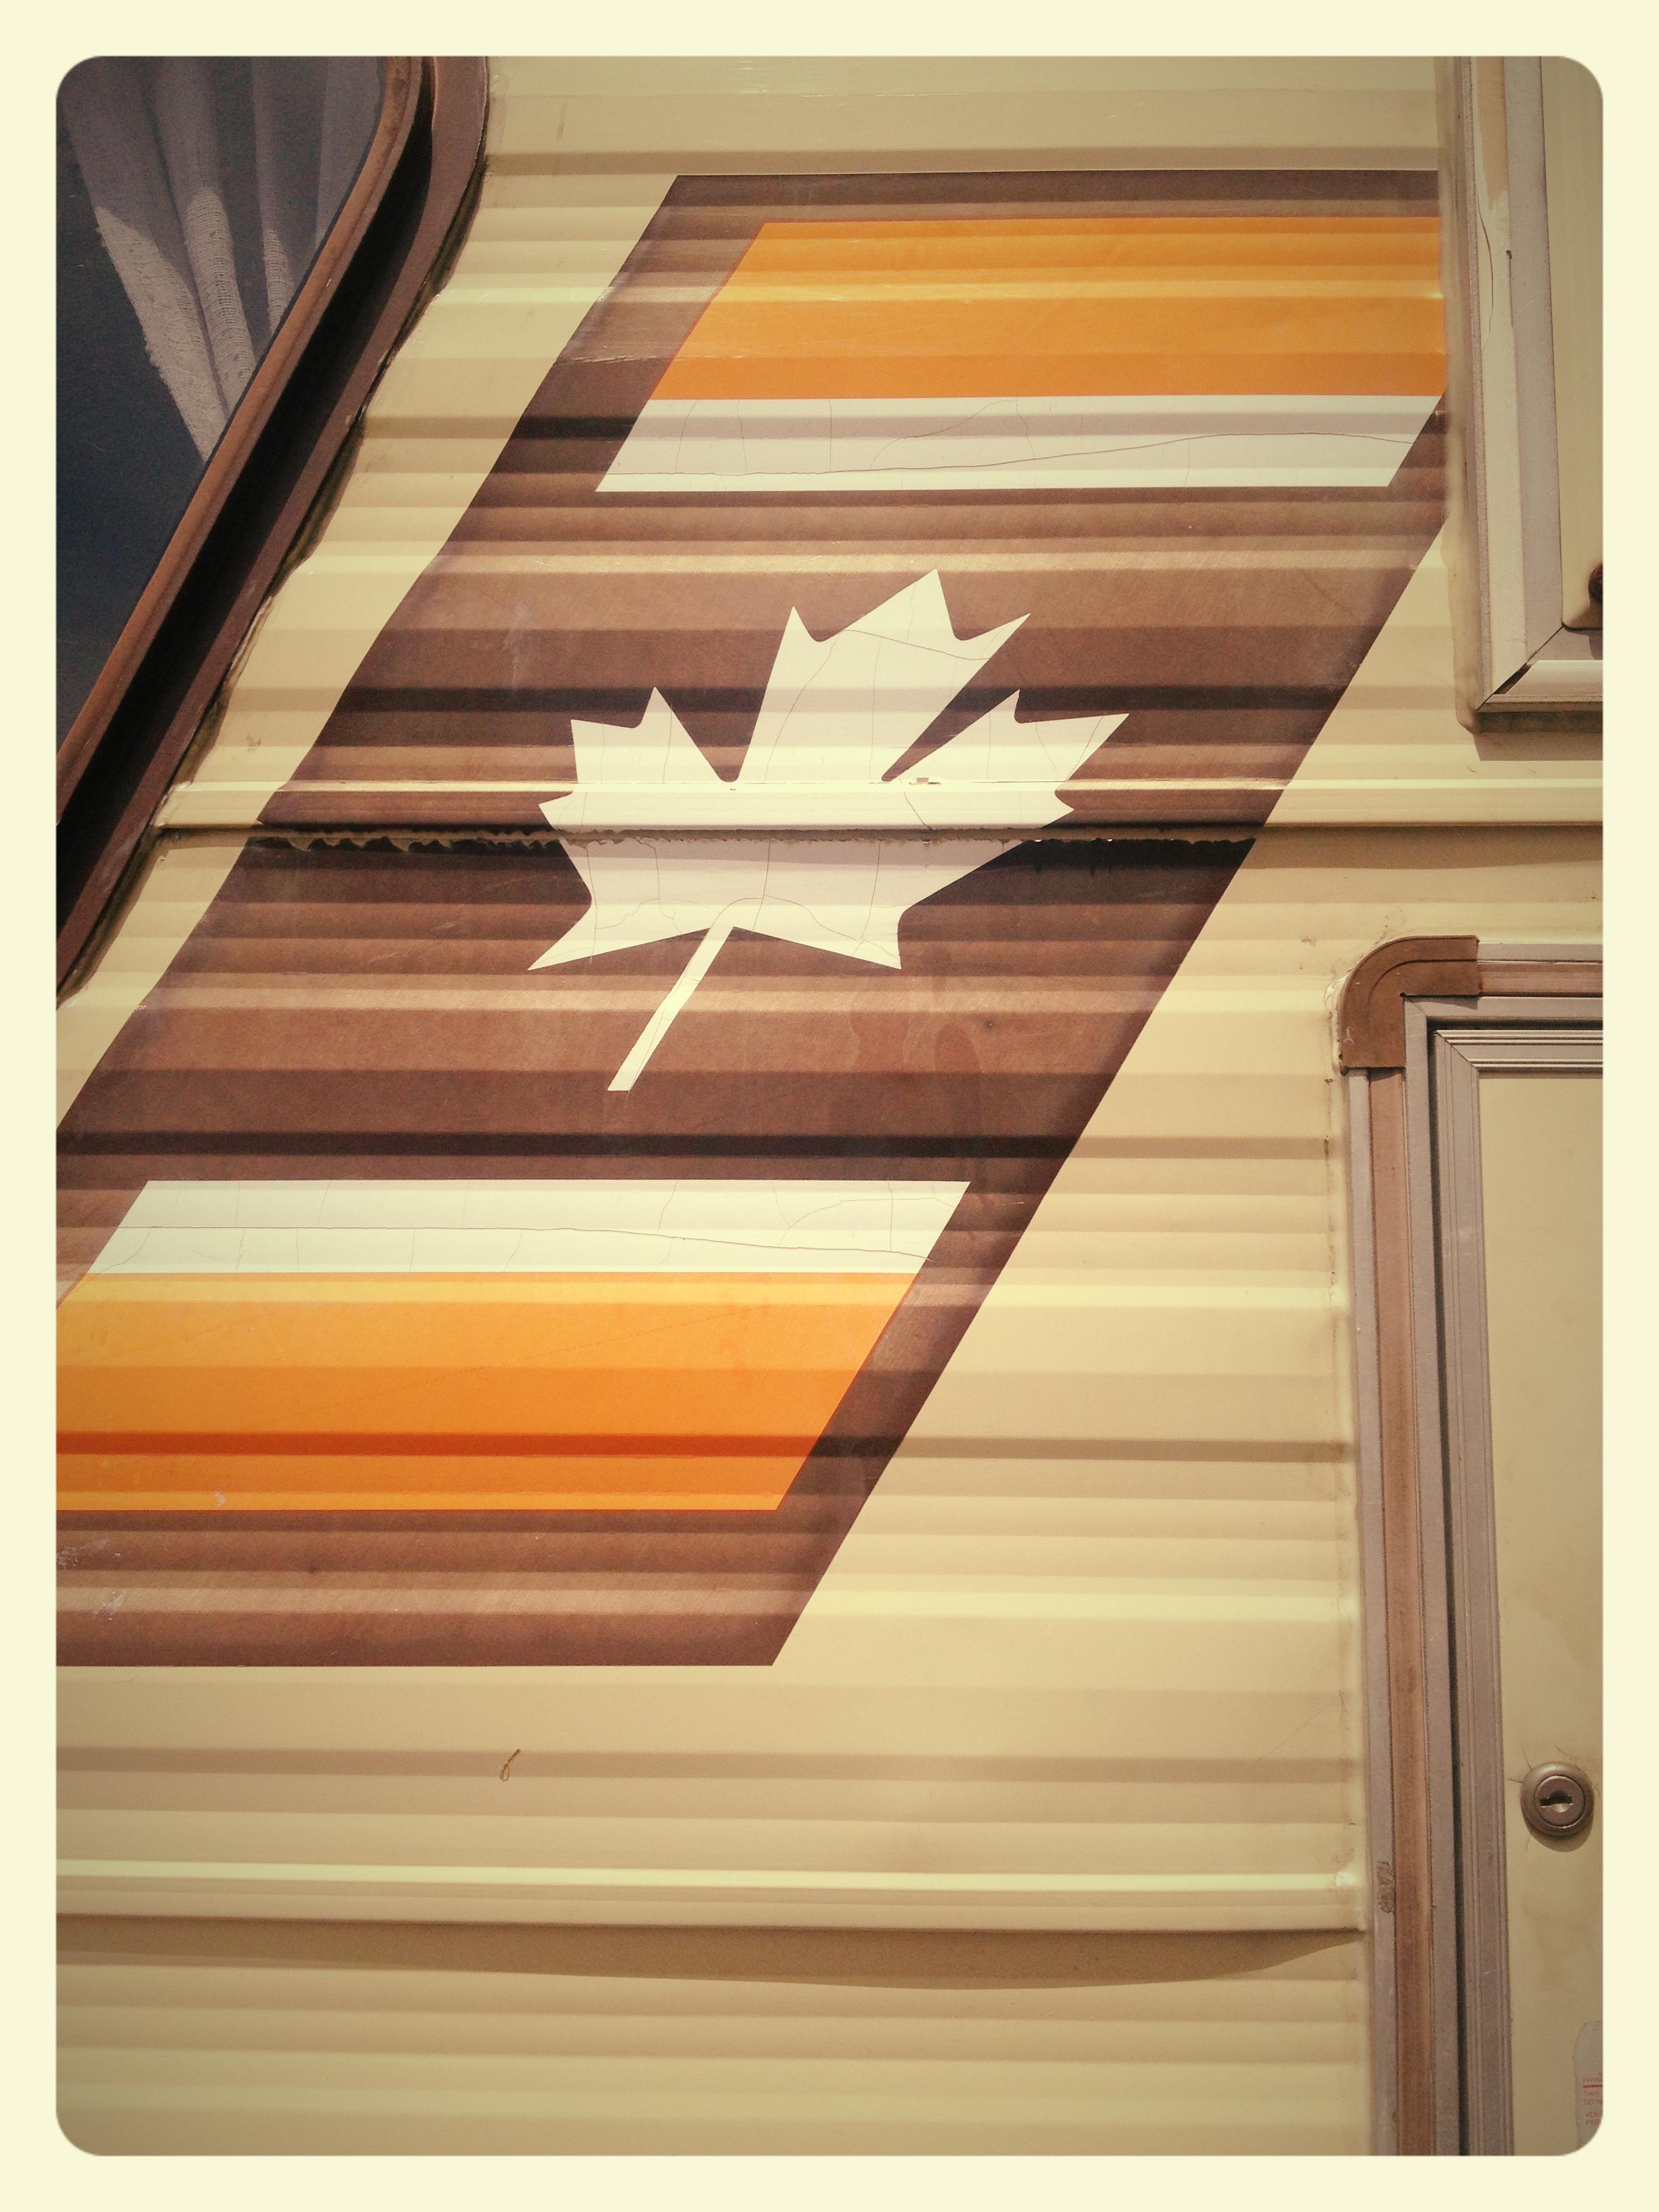 Fotos gratis mesa piso techo estante mueble puerta for Diseno de muebles de madera gratis